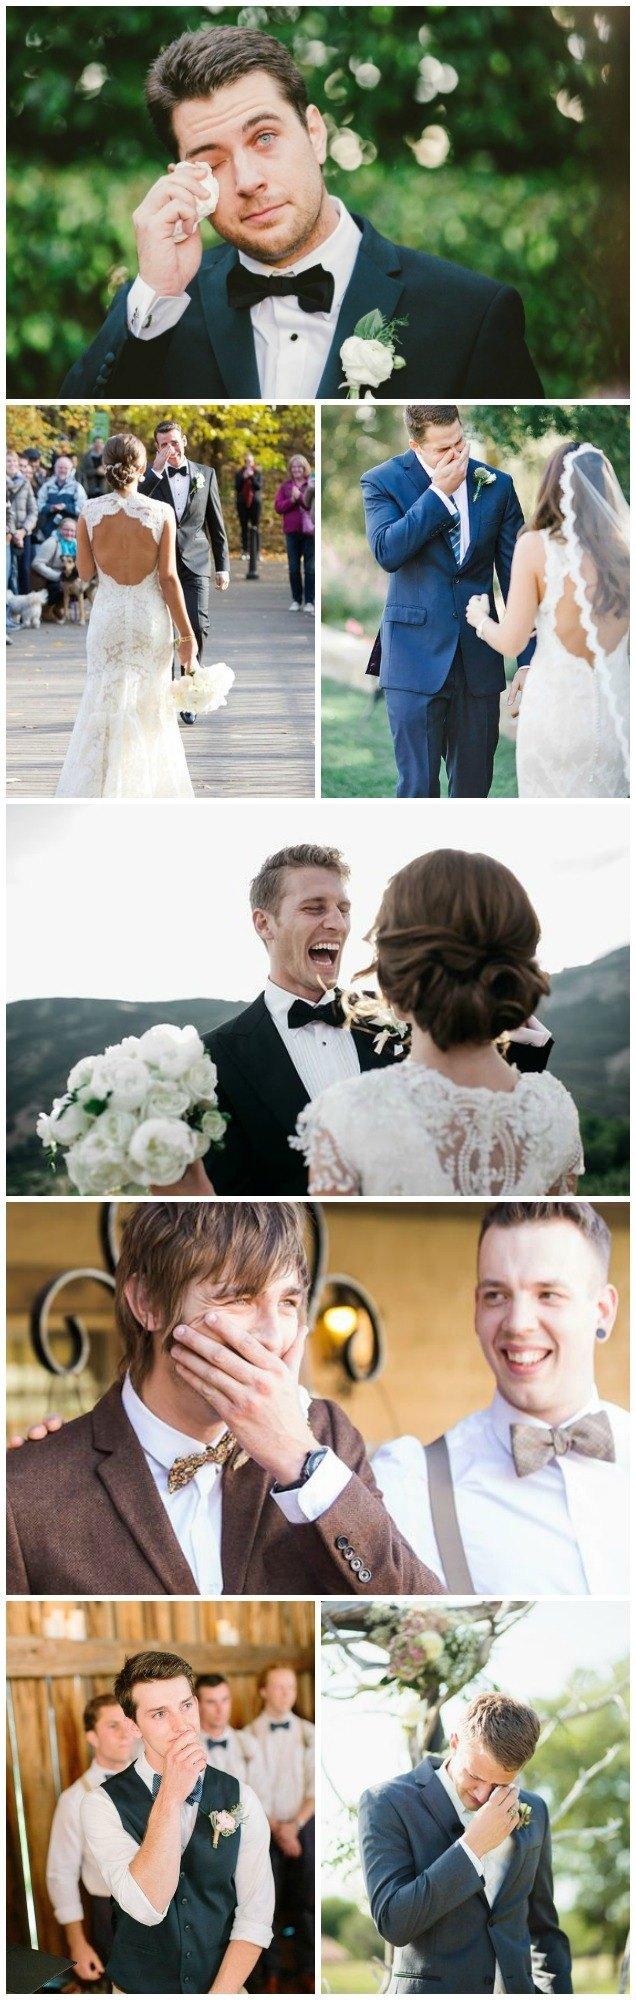 el novio espera la novia llorando. los novios también lloran